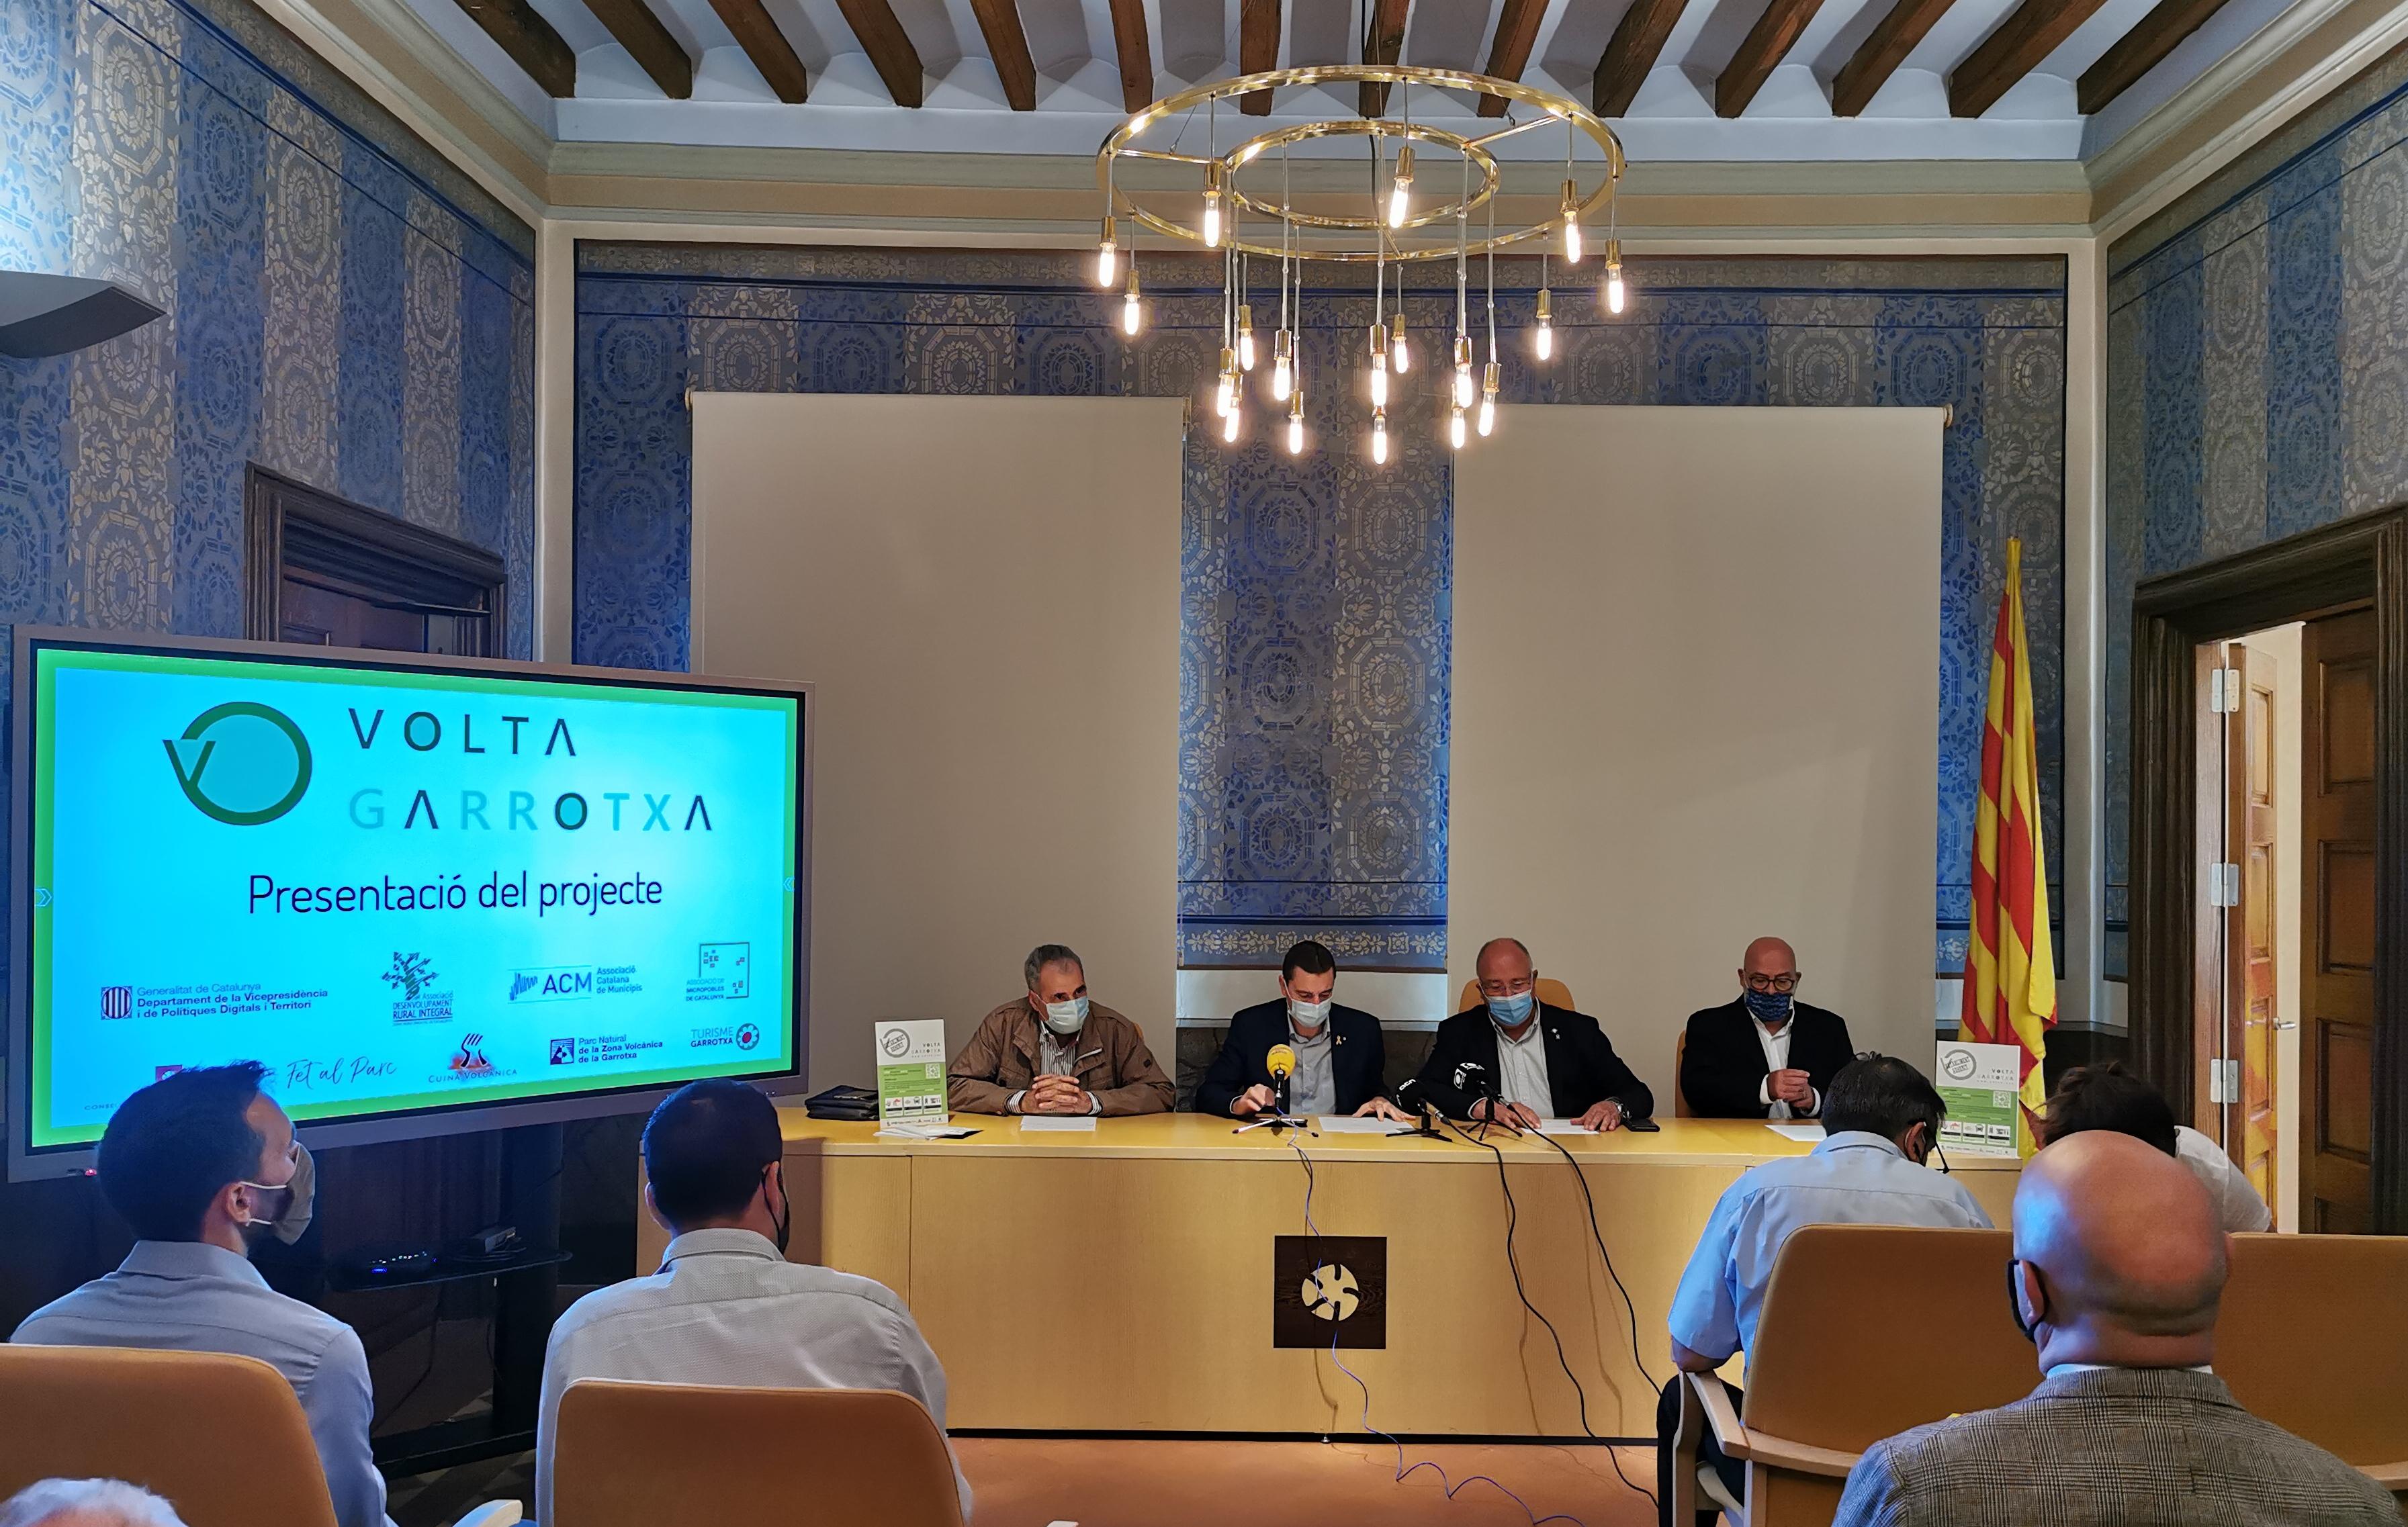 Presentació a la Garrotxa de la plataforma digital VOLTA, guanyadora de l'SmartCatalonia Challenge